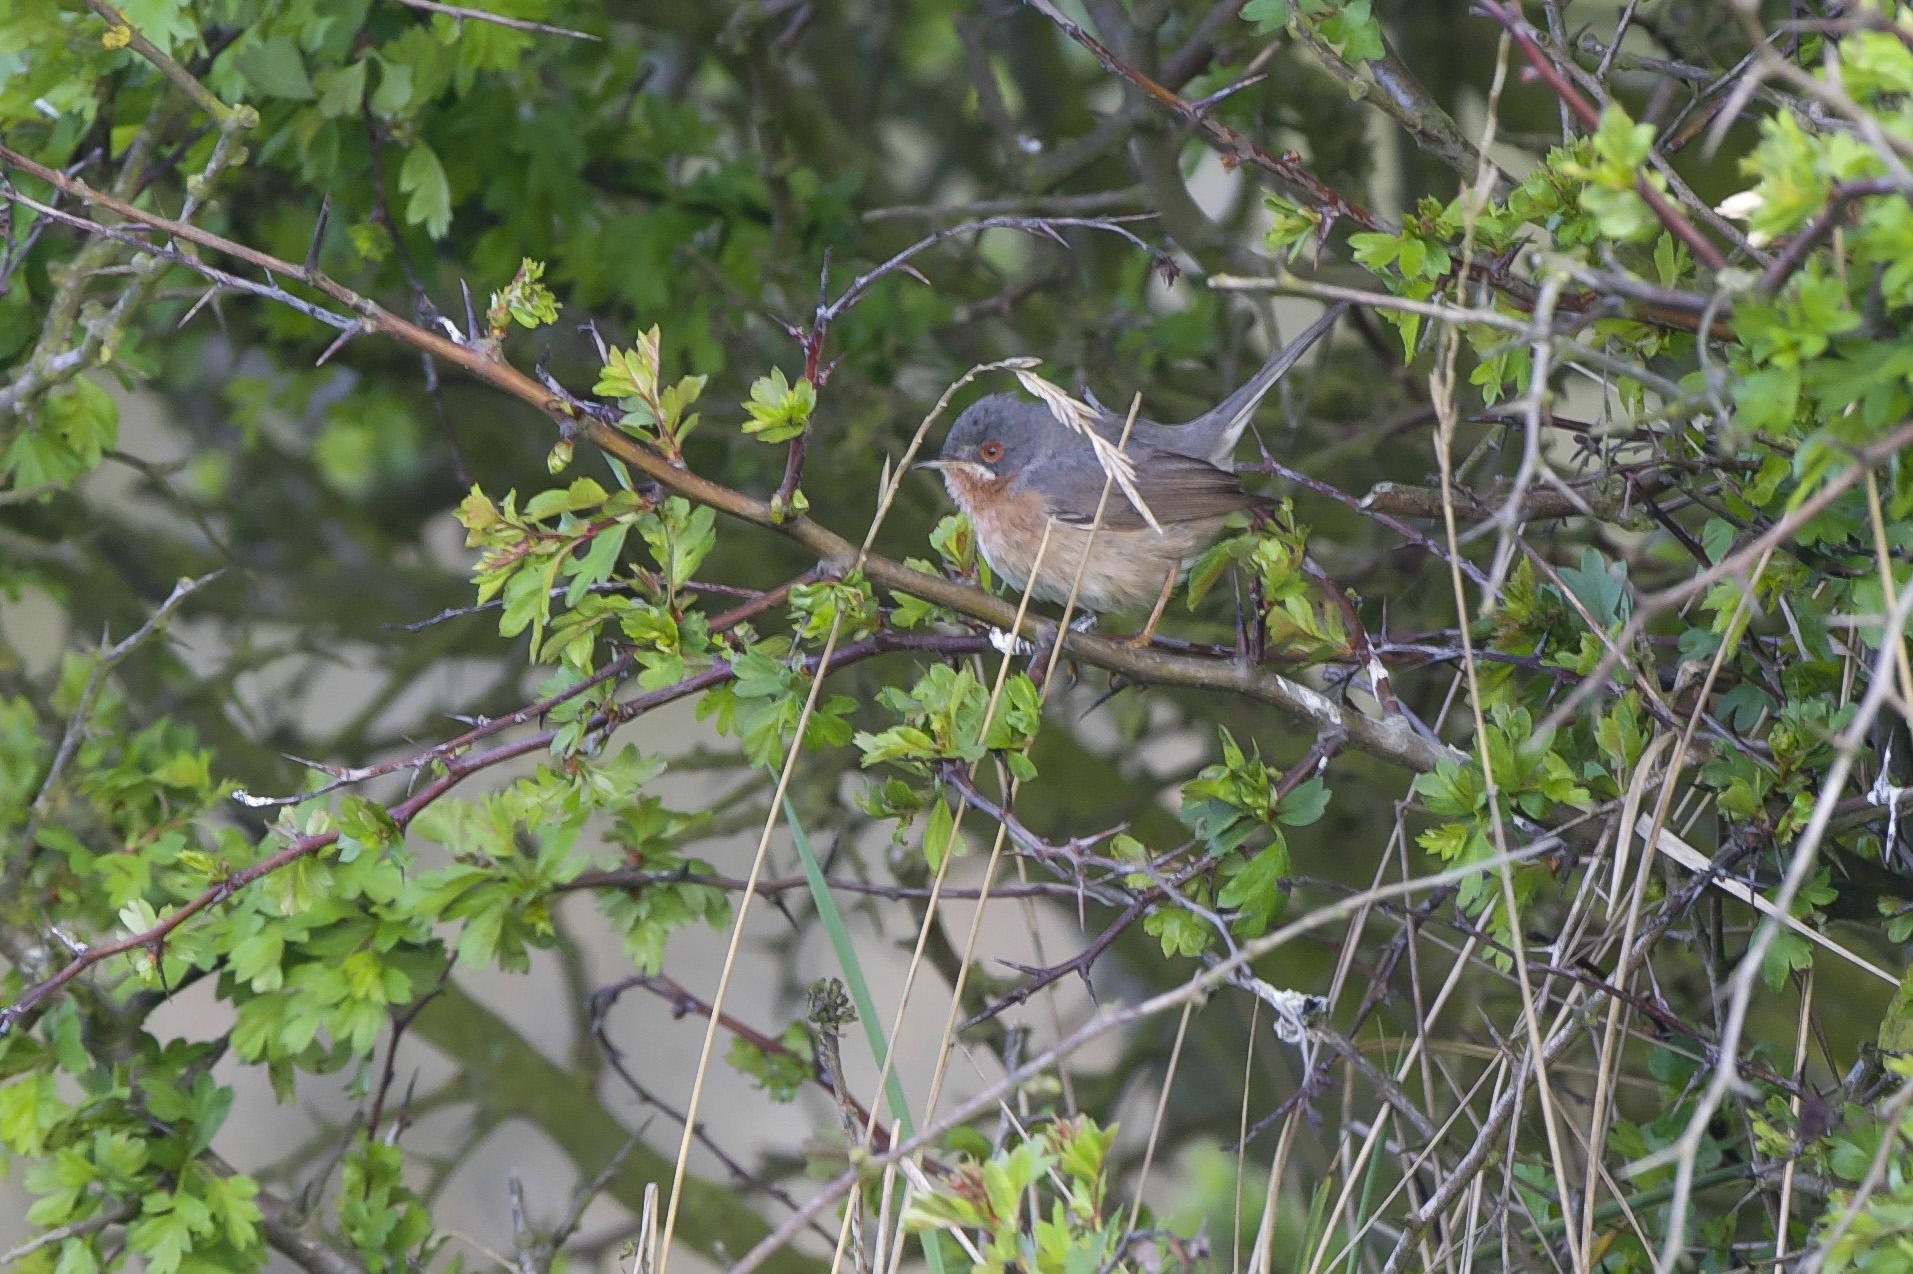 Subalpine Warbler at Spurn